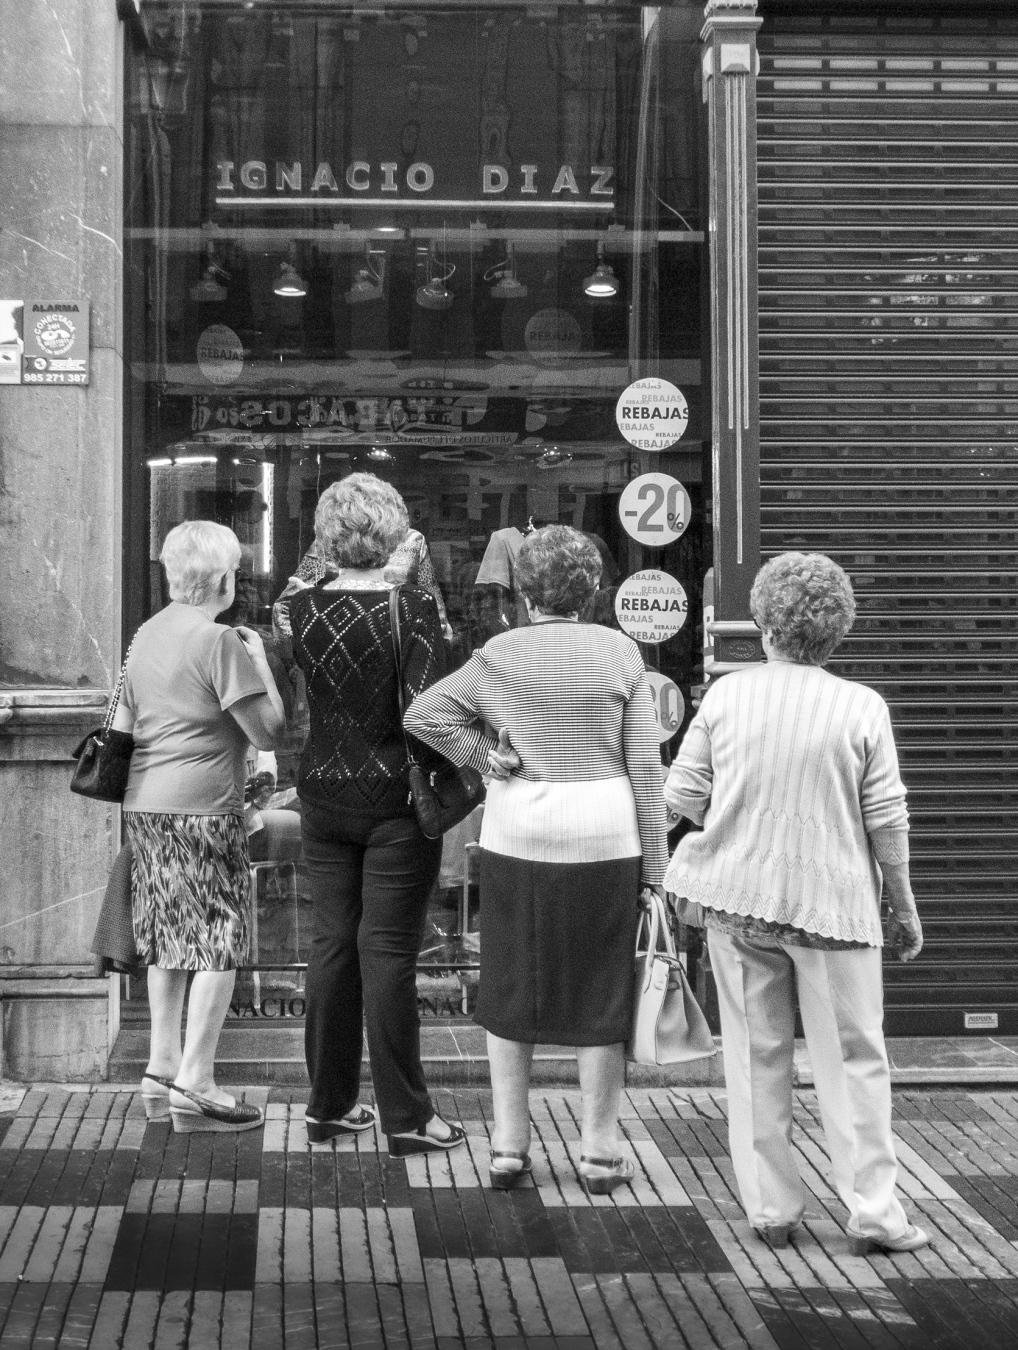 Avilés-Asturias 2018 (E) - Street-b&w - Urbano Suárez,  FineArt Photography